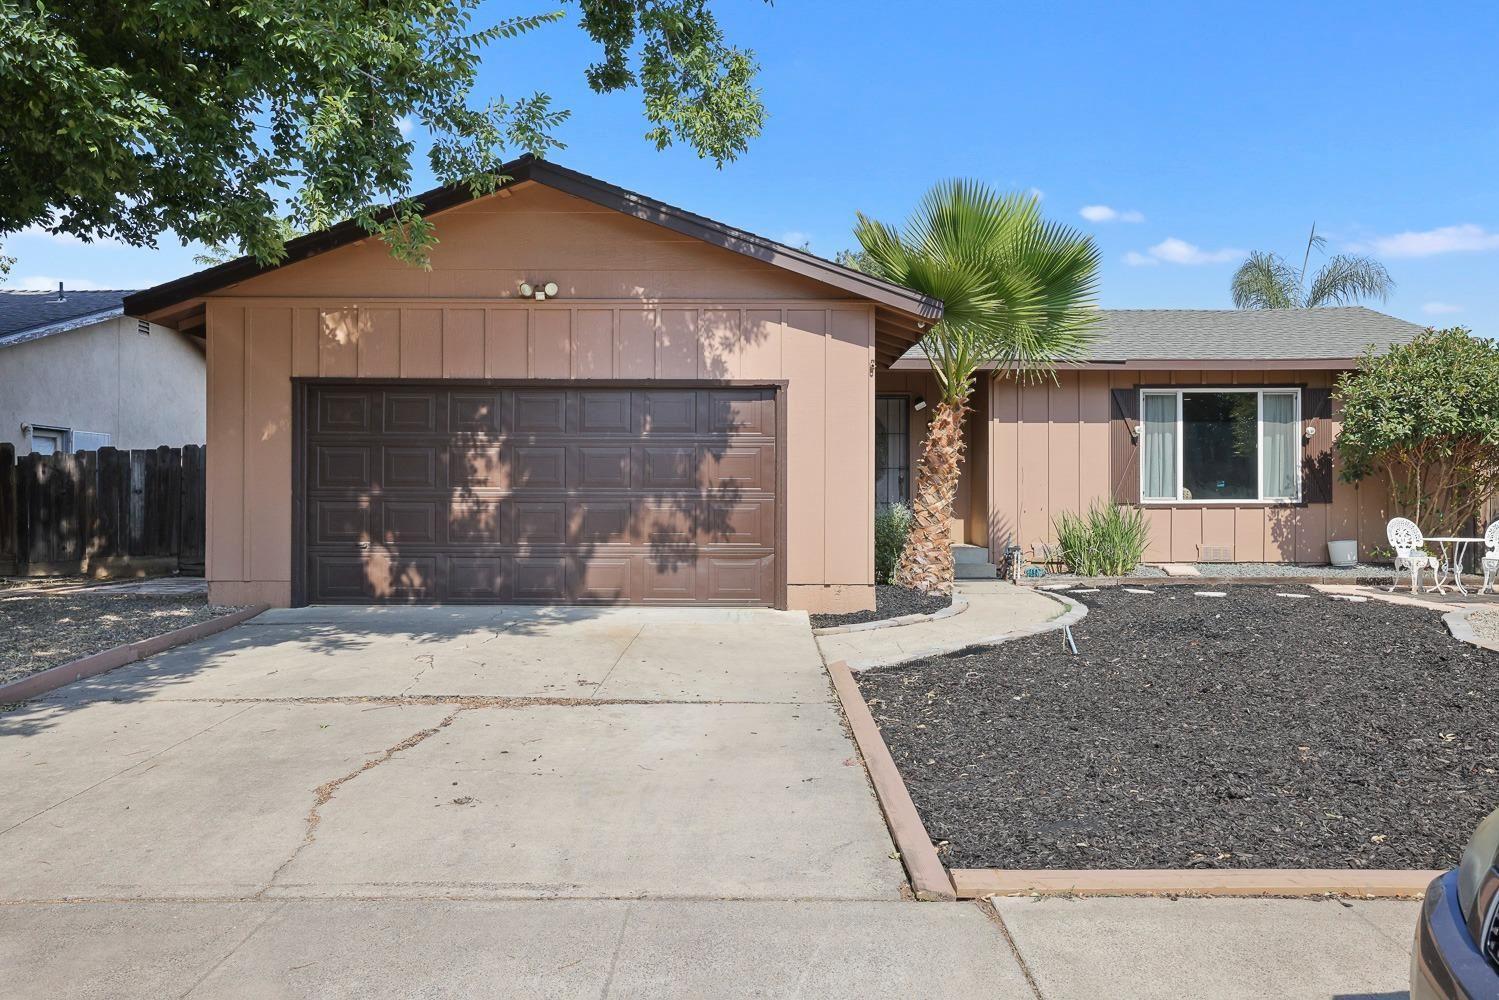 Photo of 1820 Devin Drive, Modesto, CA 95355 (MLS # 221071422)